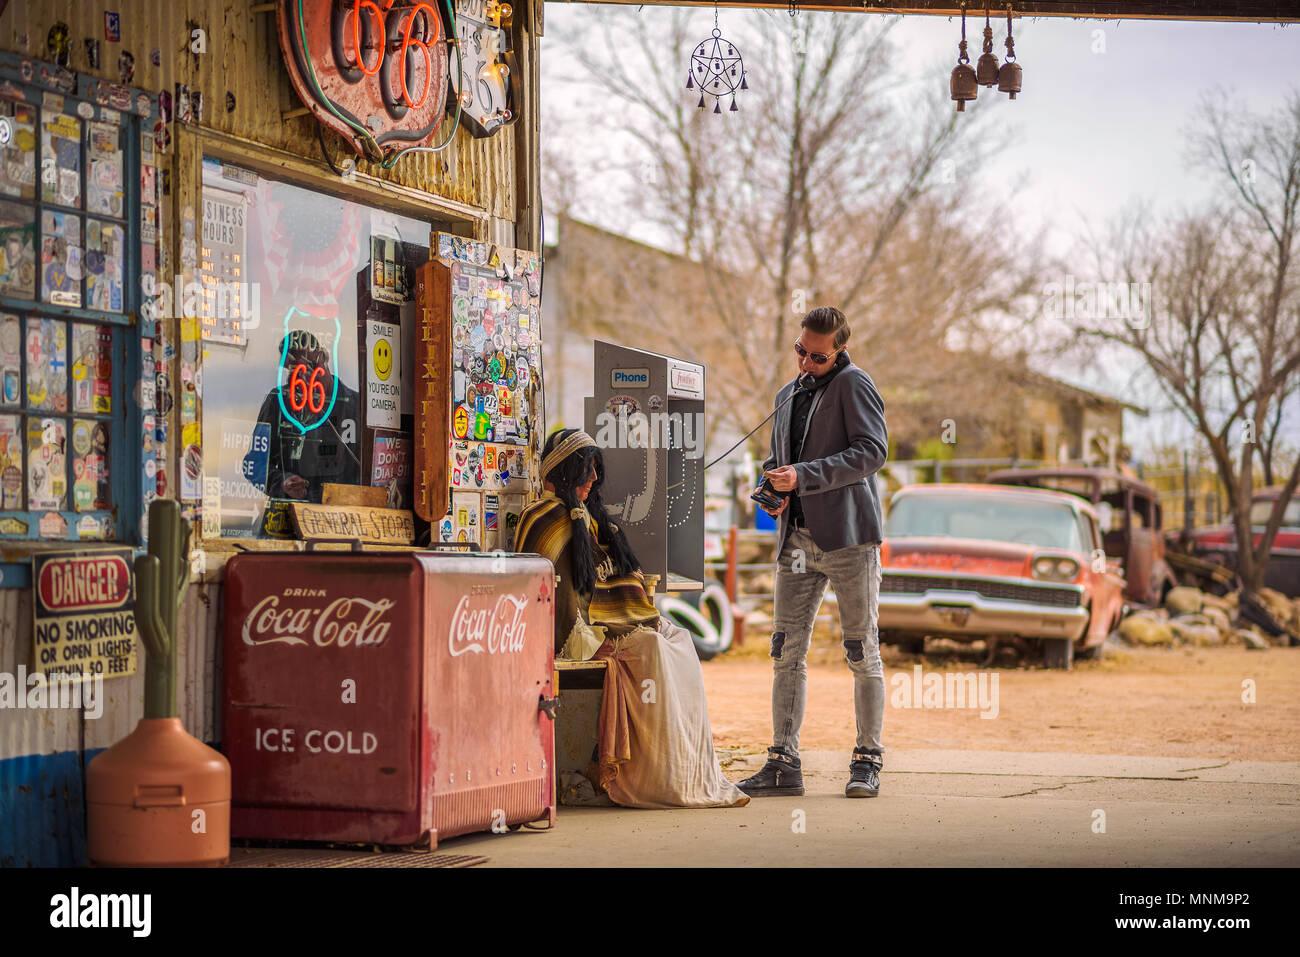 Joven utiliza un teléfono vintage retro en una gasolinera Imagen De Stock